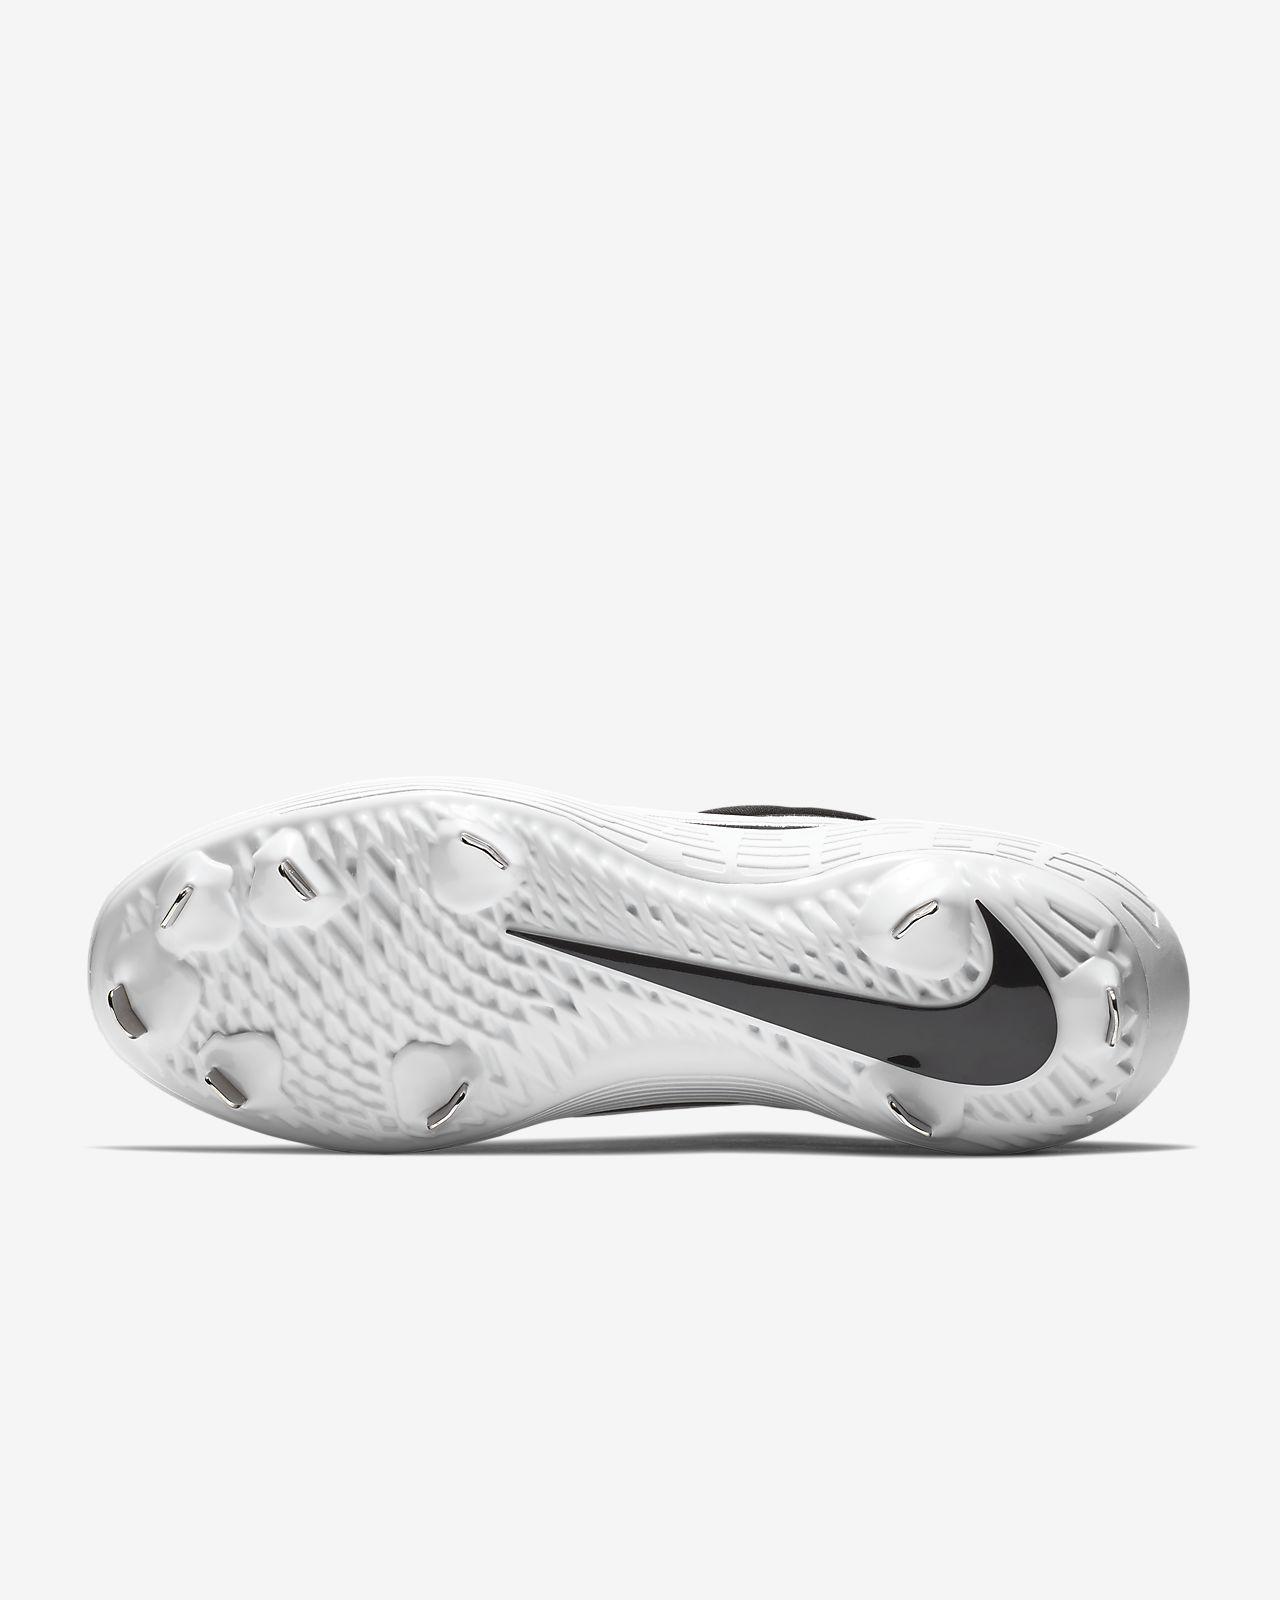 4137dacb4ca Nike Alpha Huarache Elite 2 Low Baseball Cleat. Nike.com